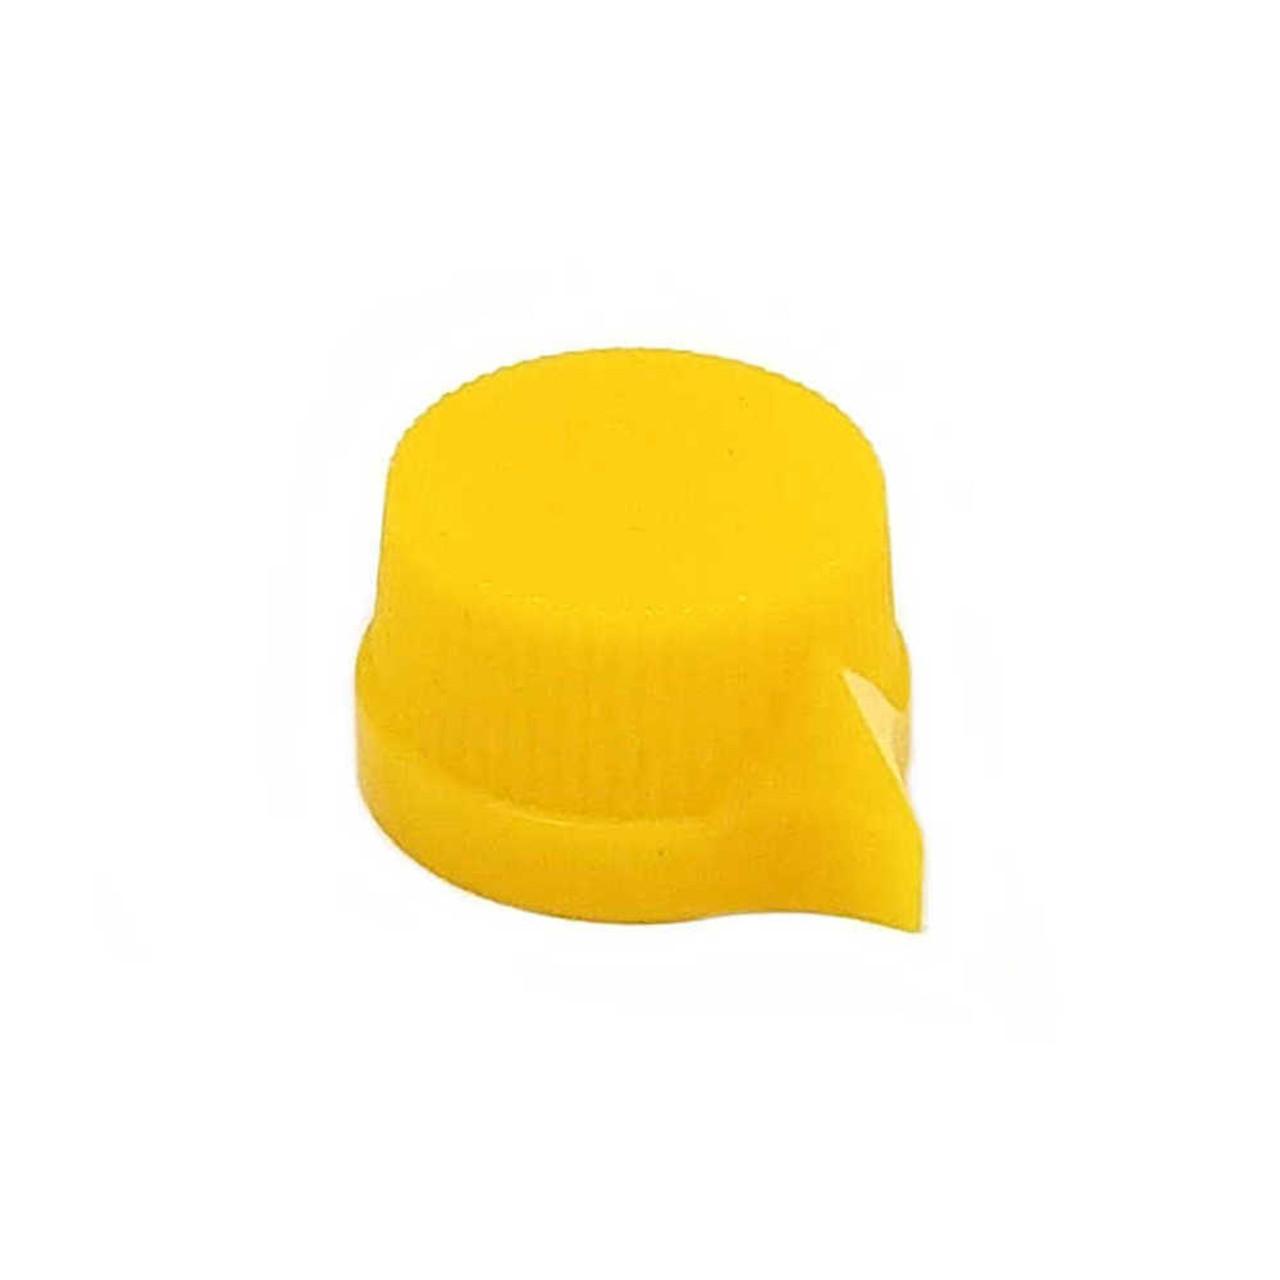 Davies Style 1400 Knob - Yellow